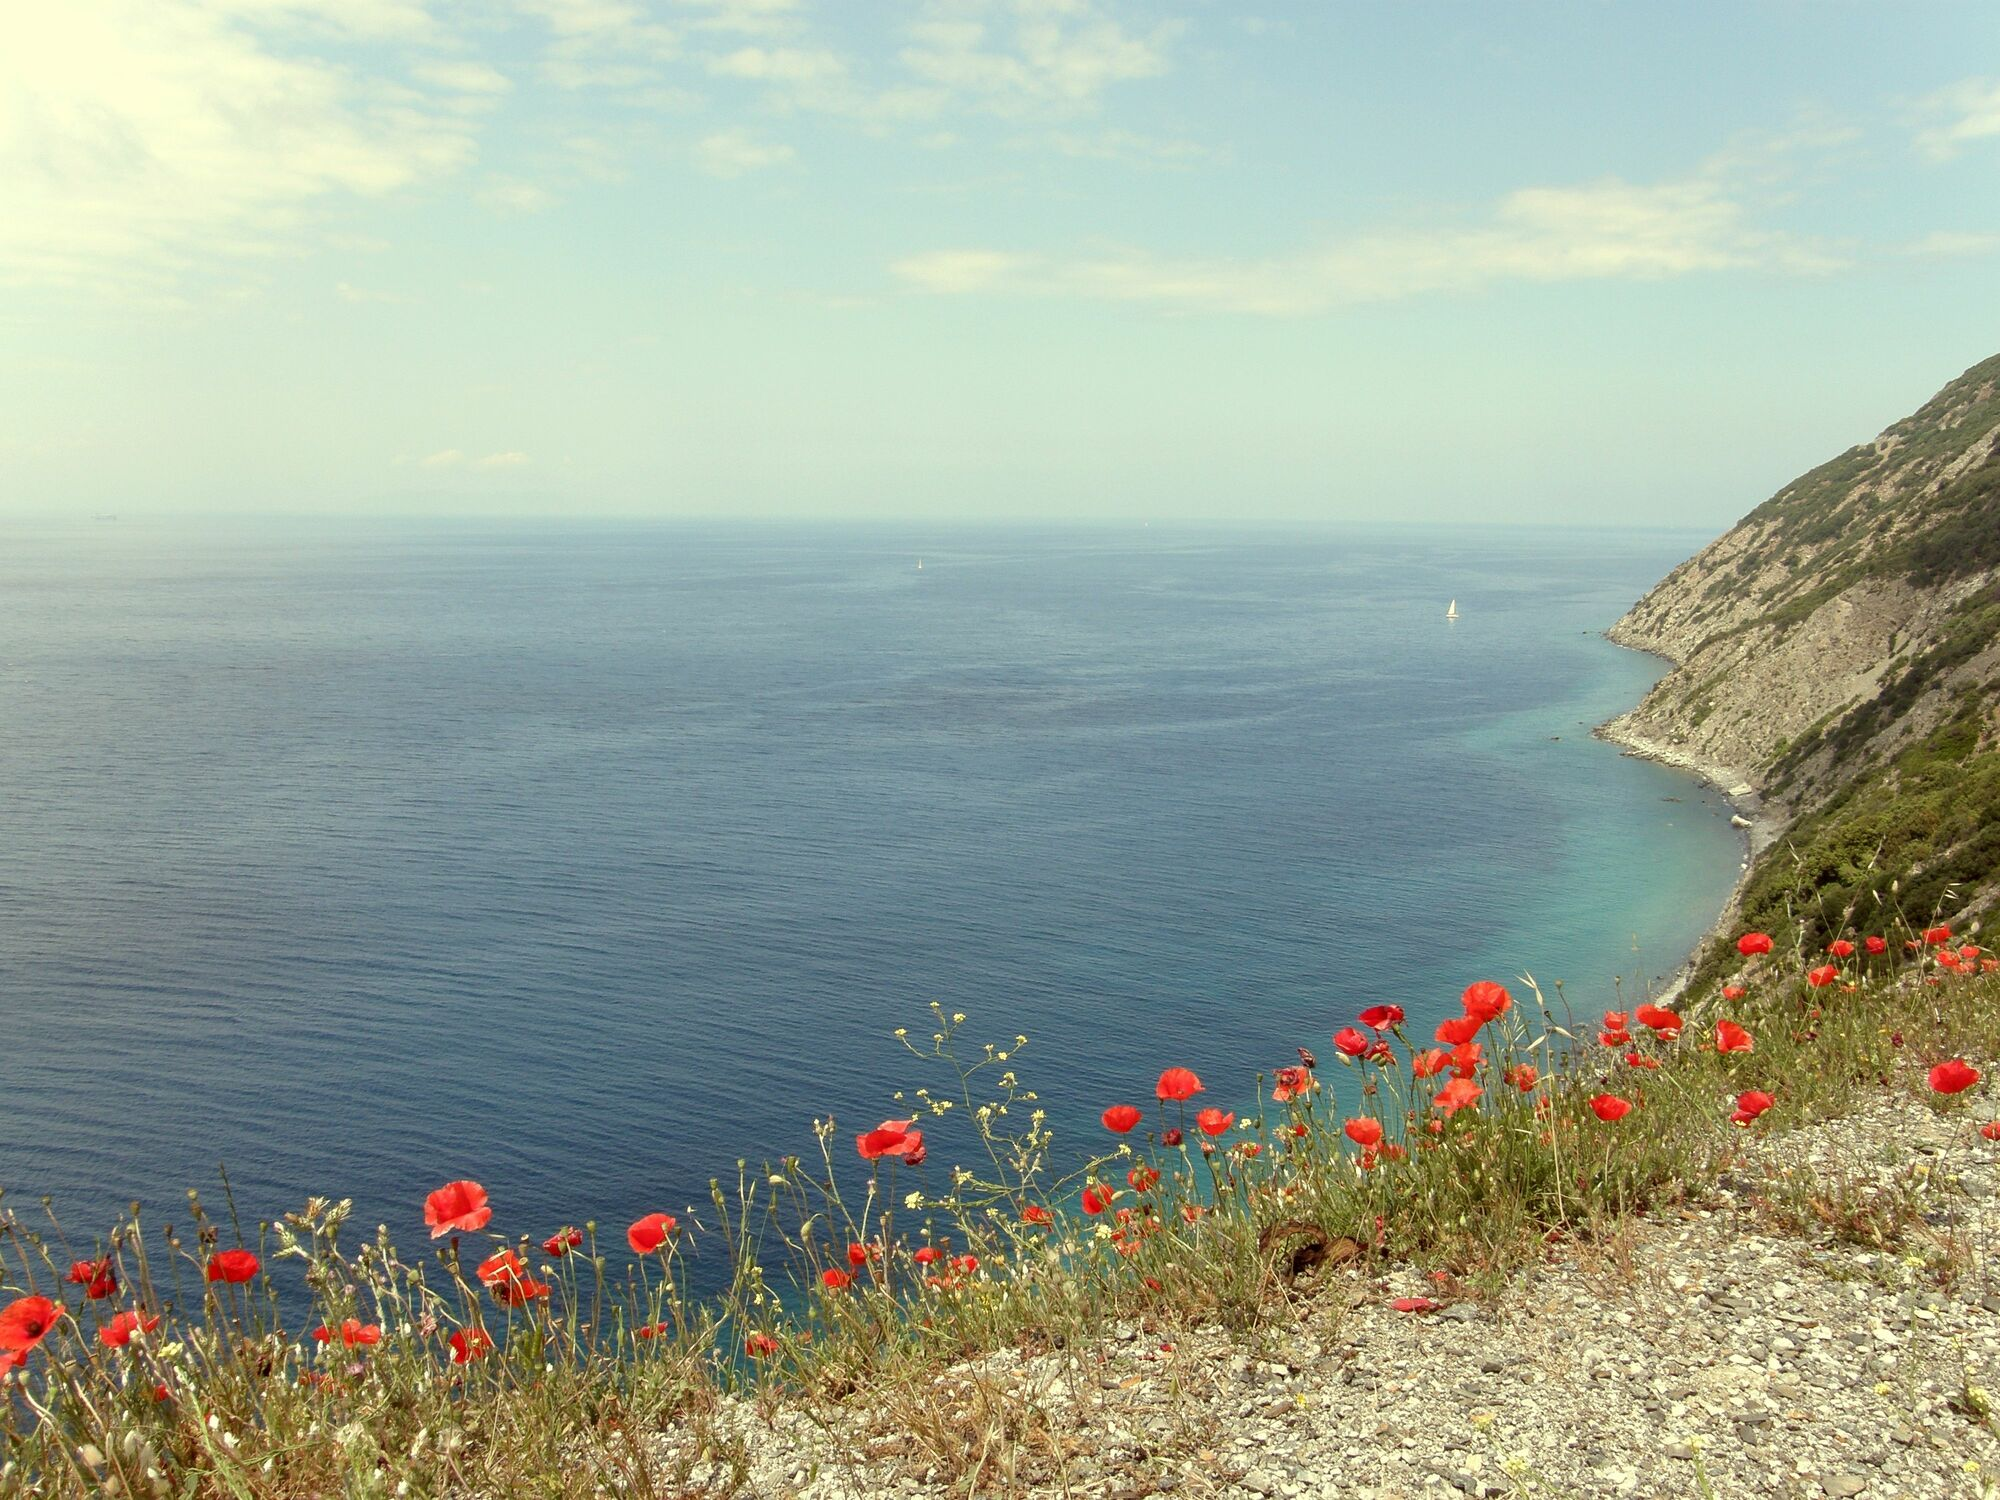 Bild mit Blumen, Blume, Wiese, Felder, Sehnsucht nach Meer, Blumenwiesen, Wiesen, blumenwiese